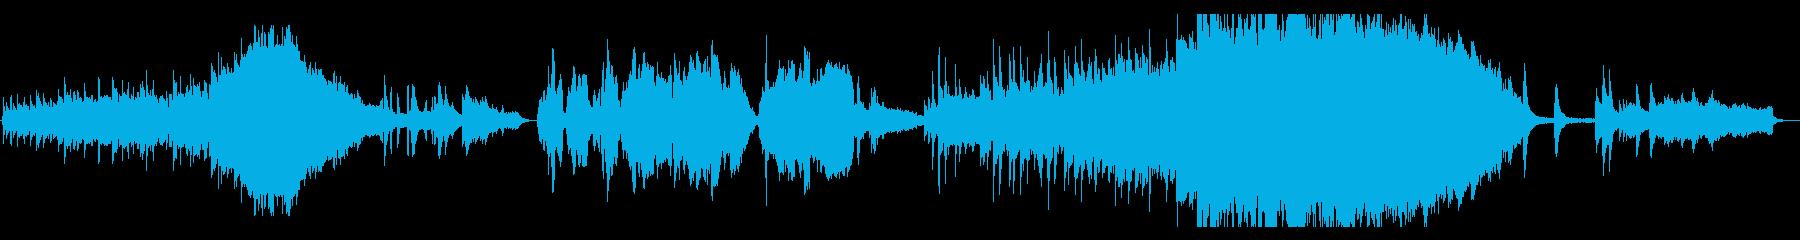 ストリングス、ピアノの感動的な映画音楽の再生済みの波形